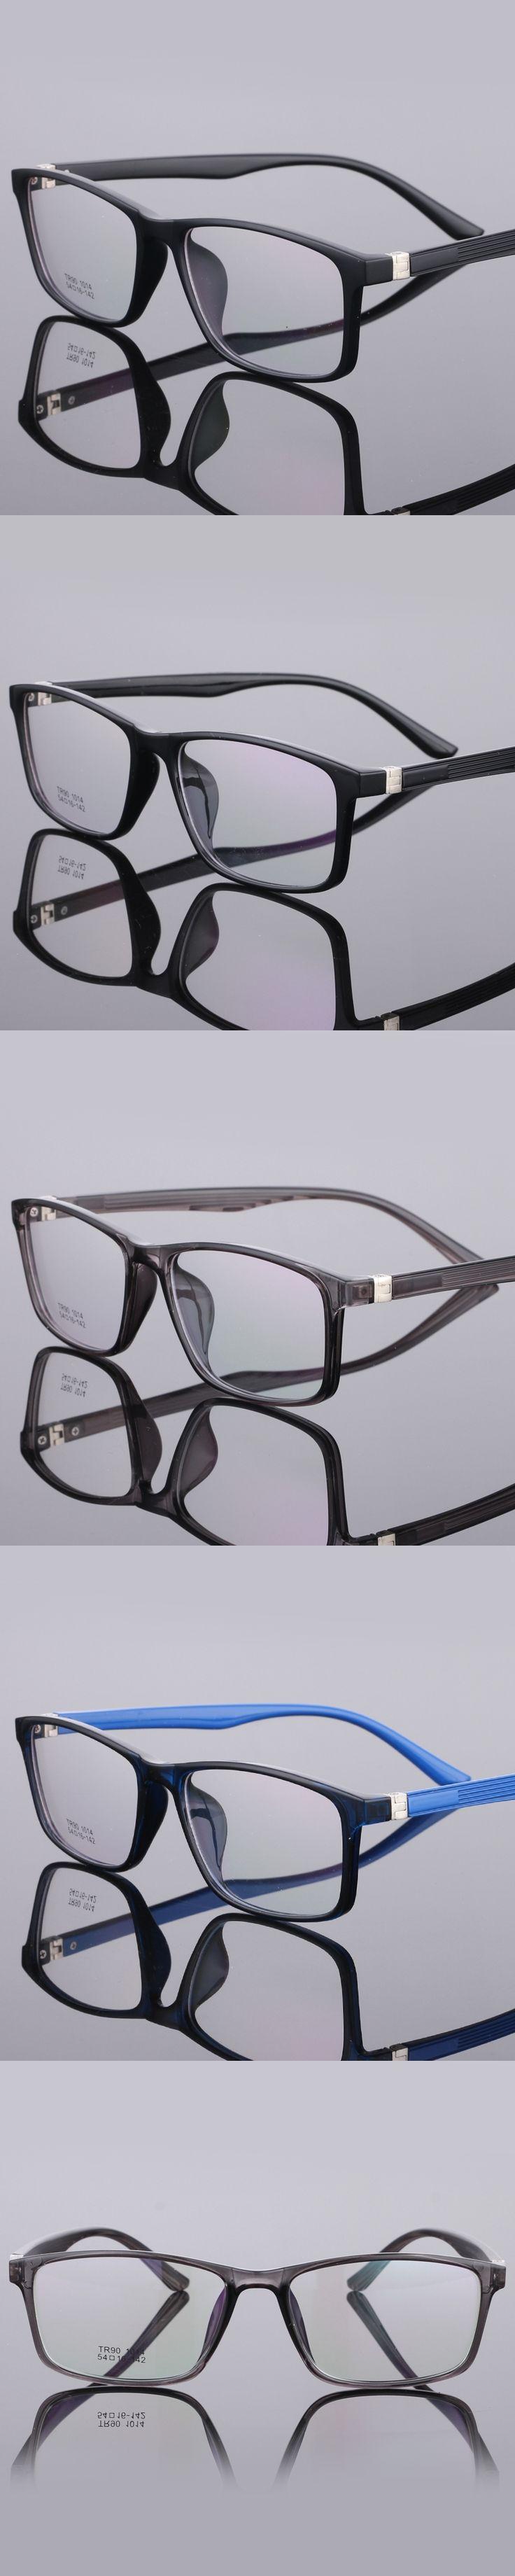 The New TR90 women Glasses frame retro optical clear Full box Eyeglasses frame Men prescription glasses frames 1014